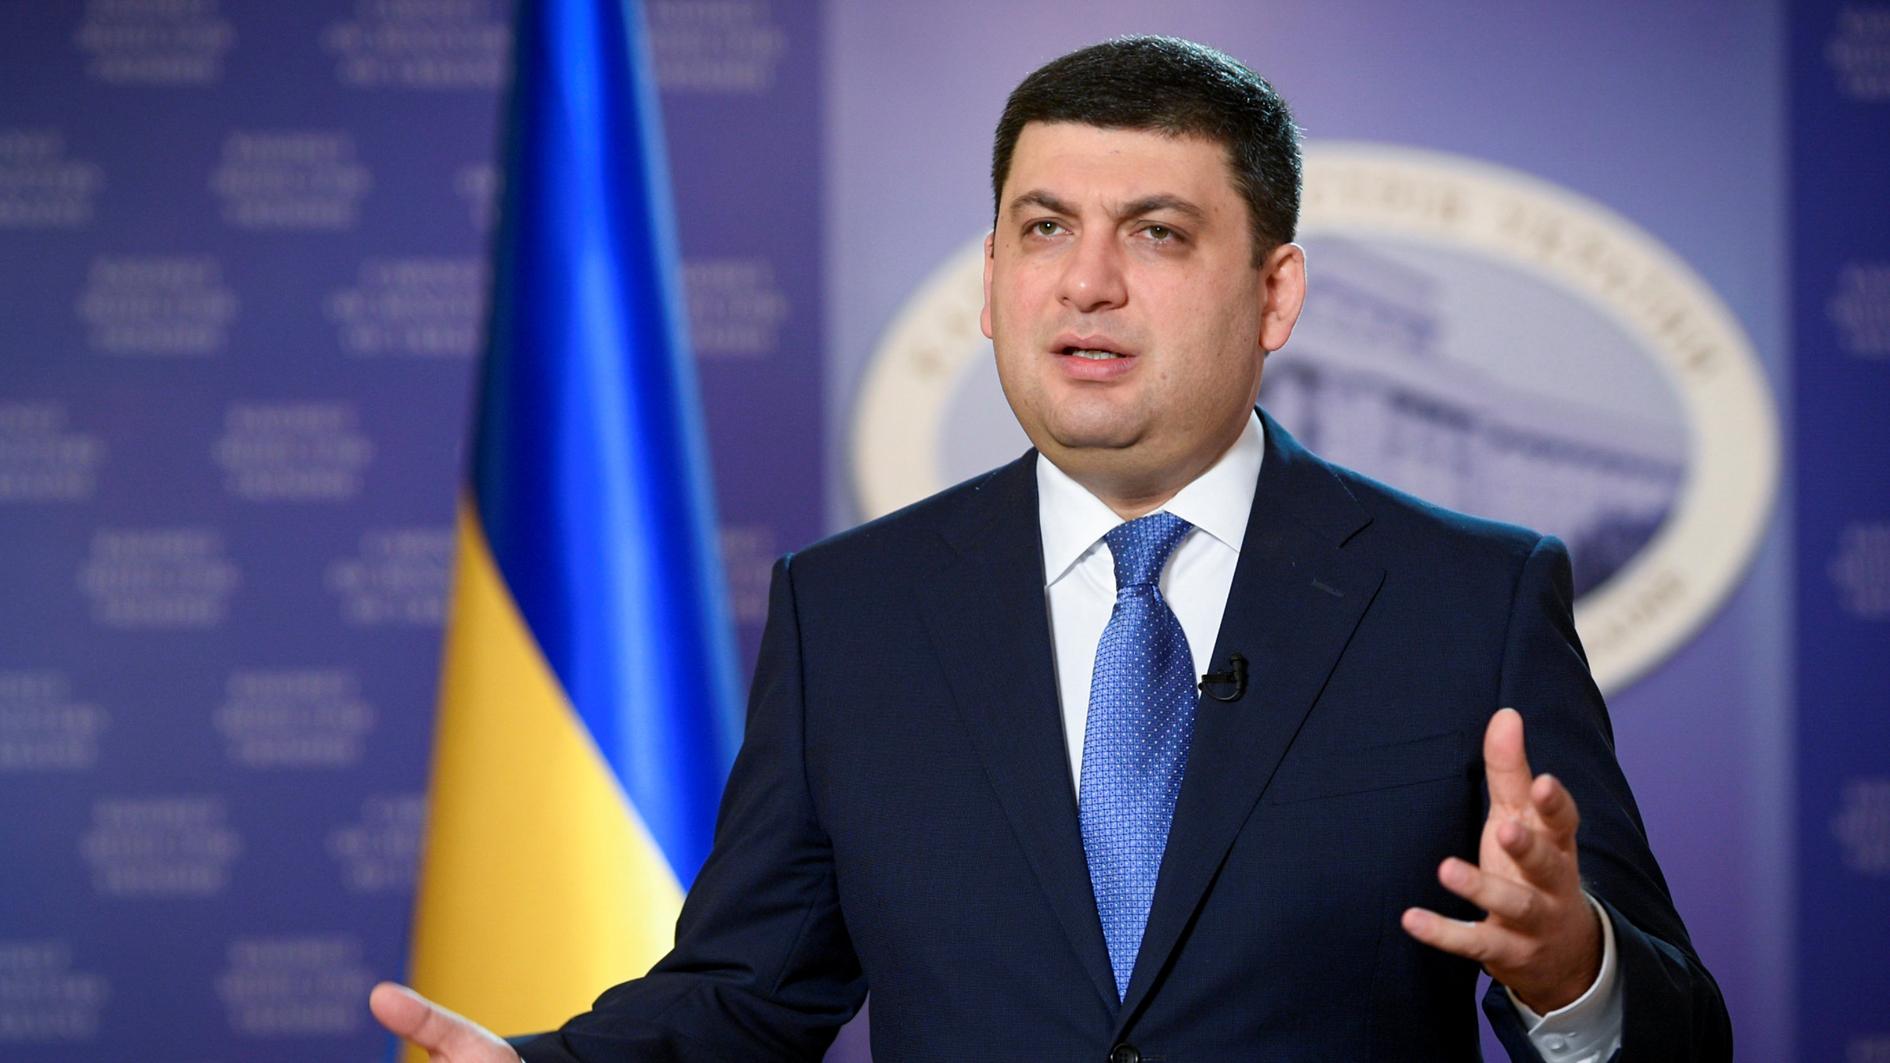 Гройсман: Украина каждый год тратит неменее 100 млрд.грн. наобслуживание внешнего долга